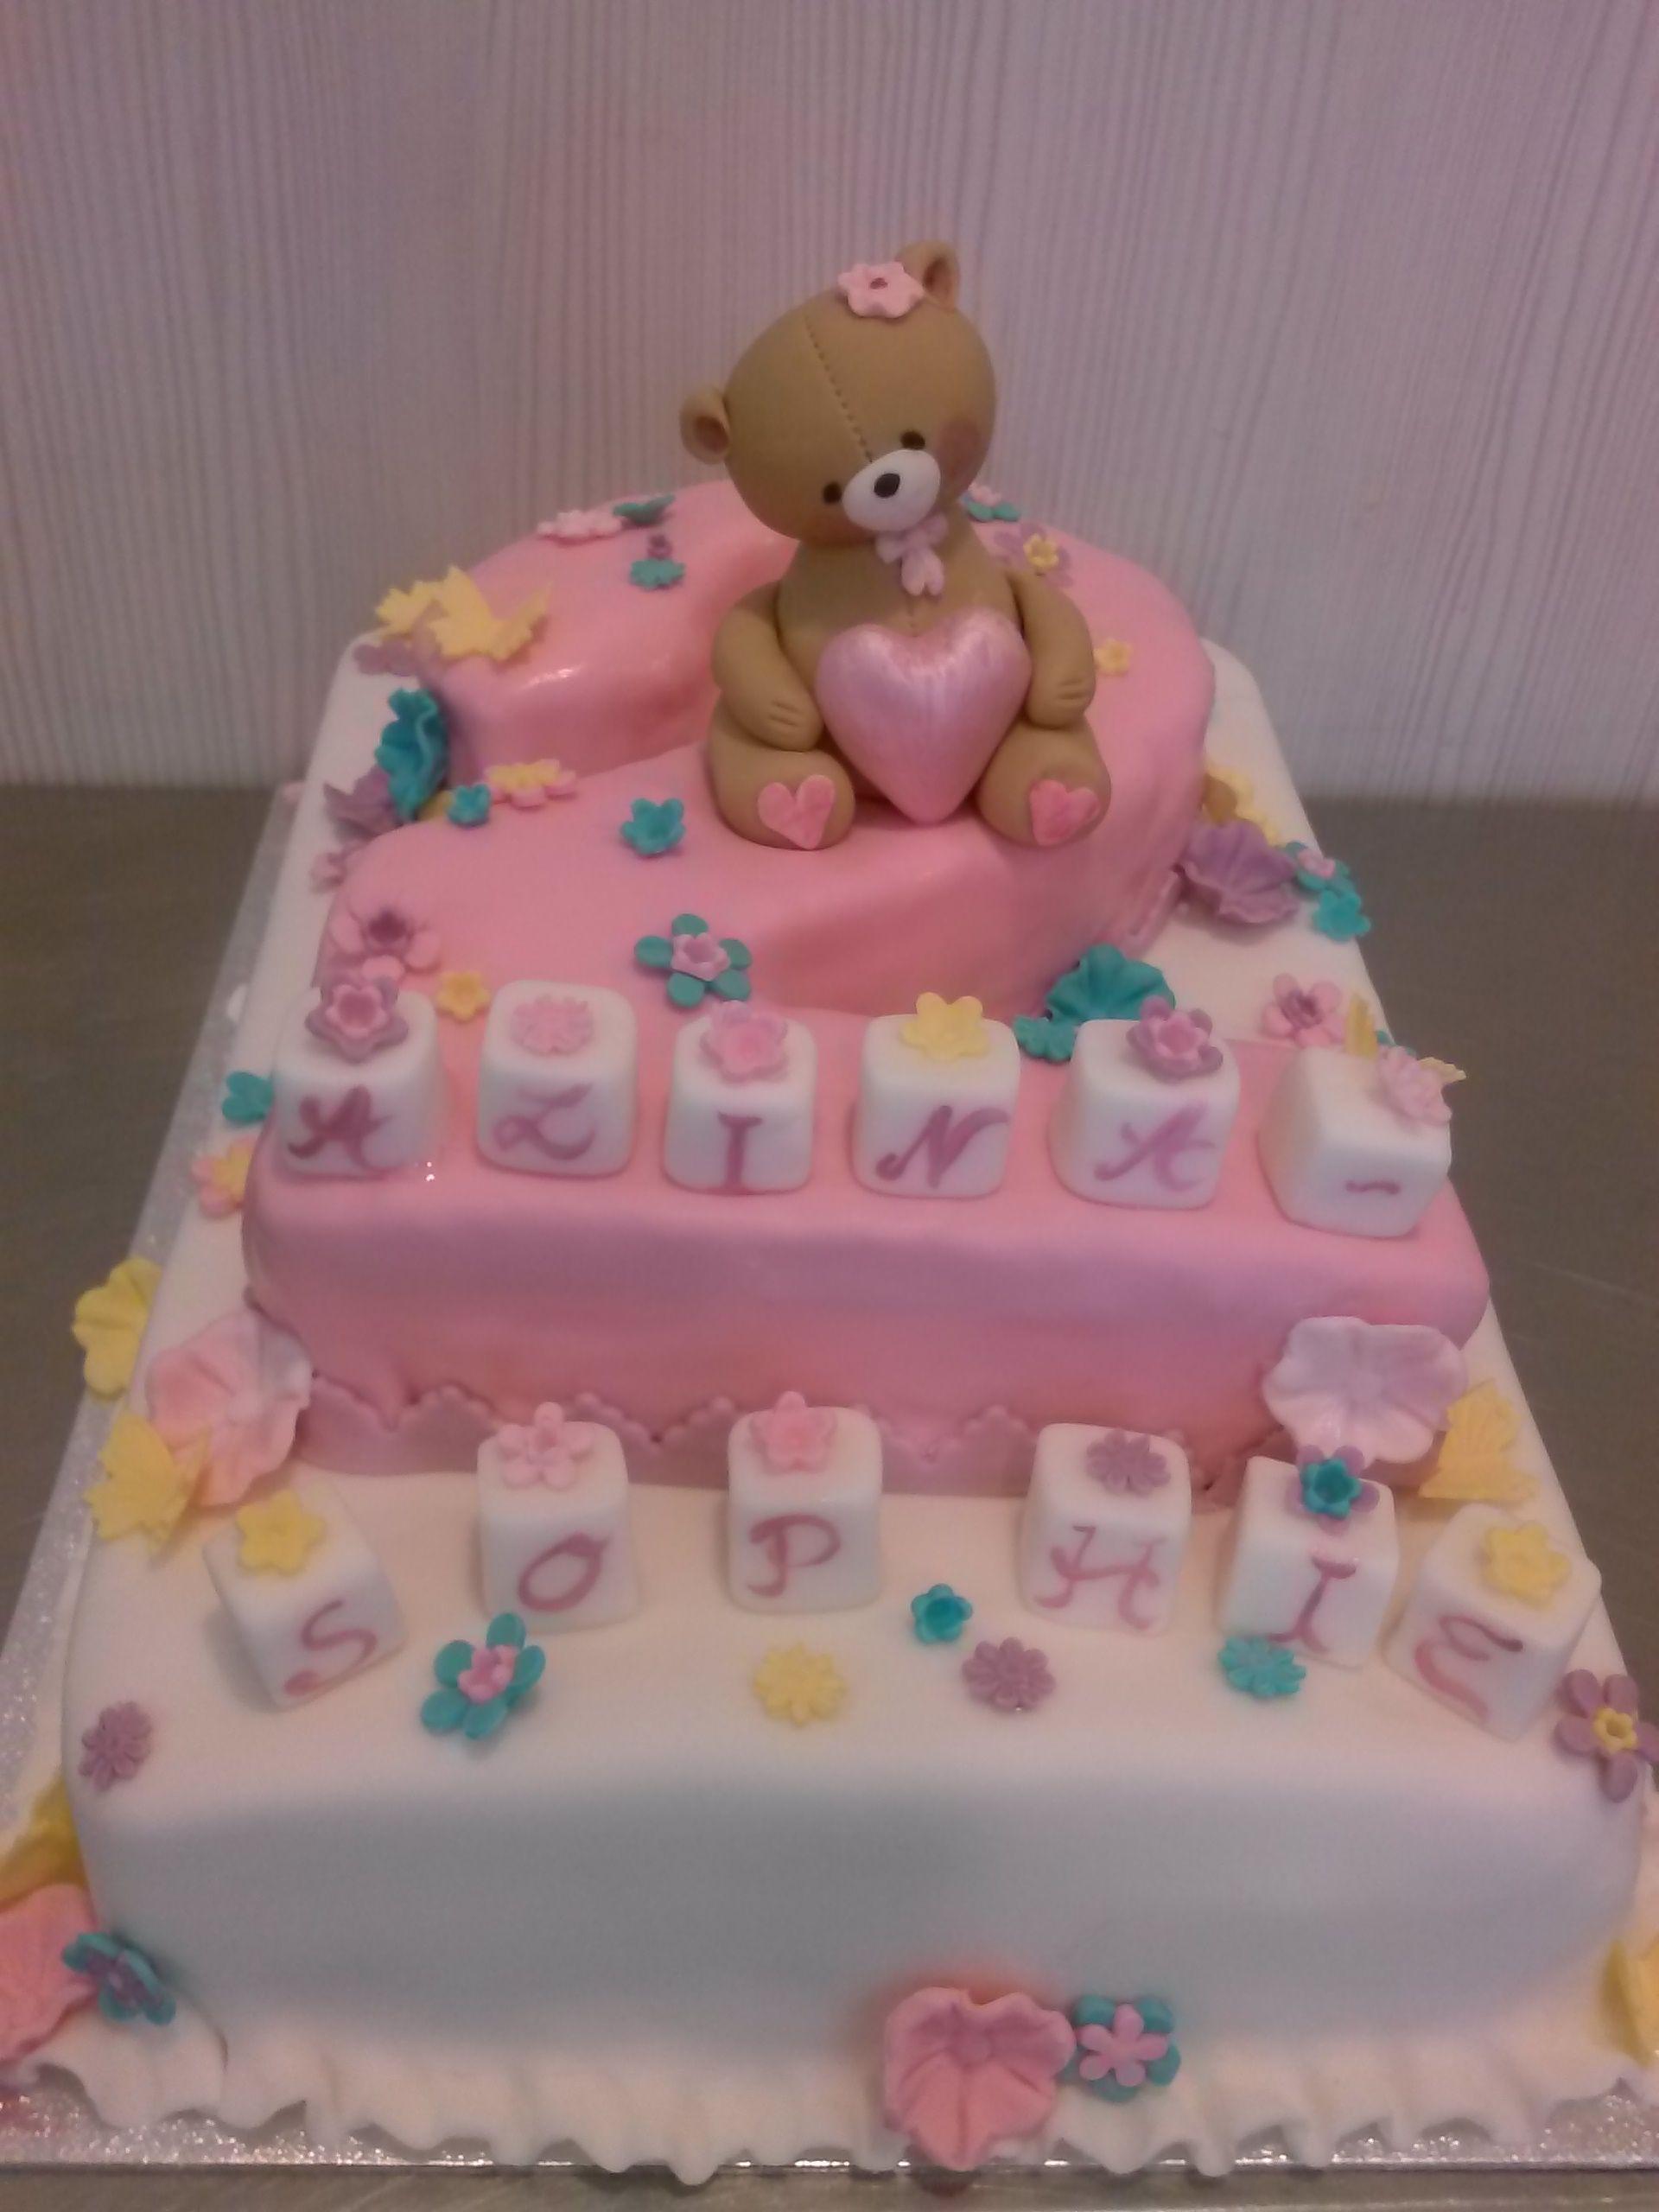 Torte Zum 2. Geburtstag, Ja, Für Ein Mädchen. (Mit Bildern bestimmt für Torte Zum 2 Geburtstag